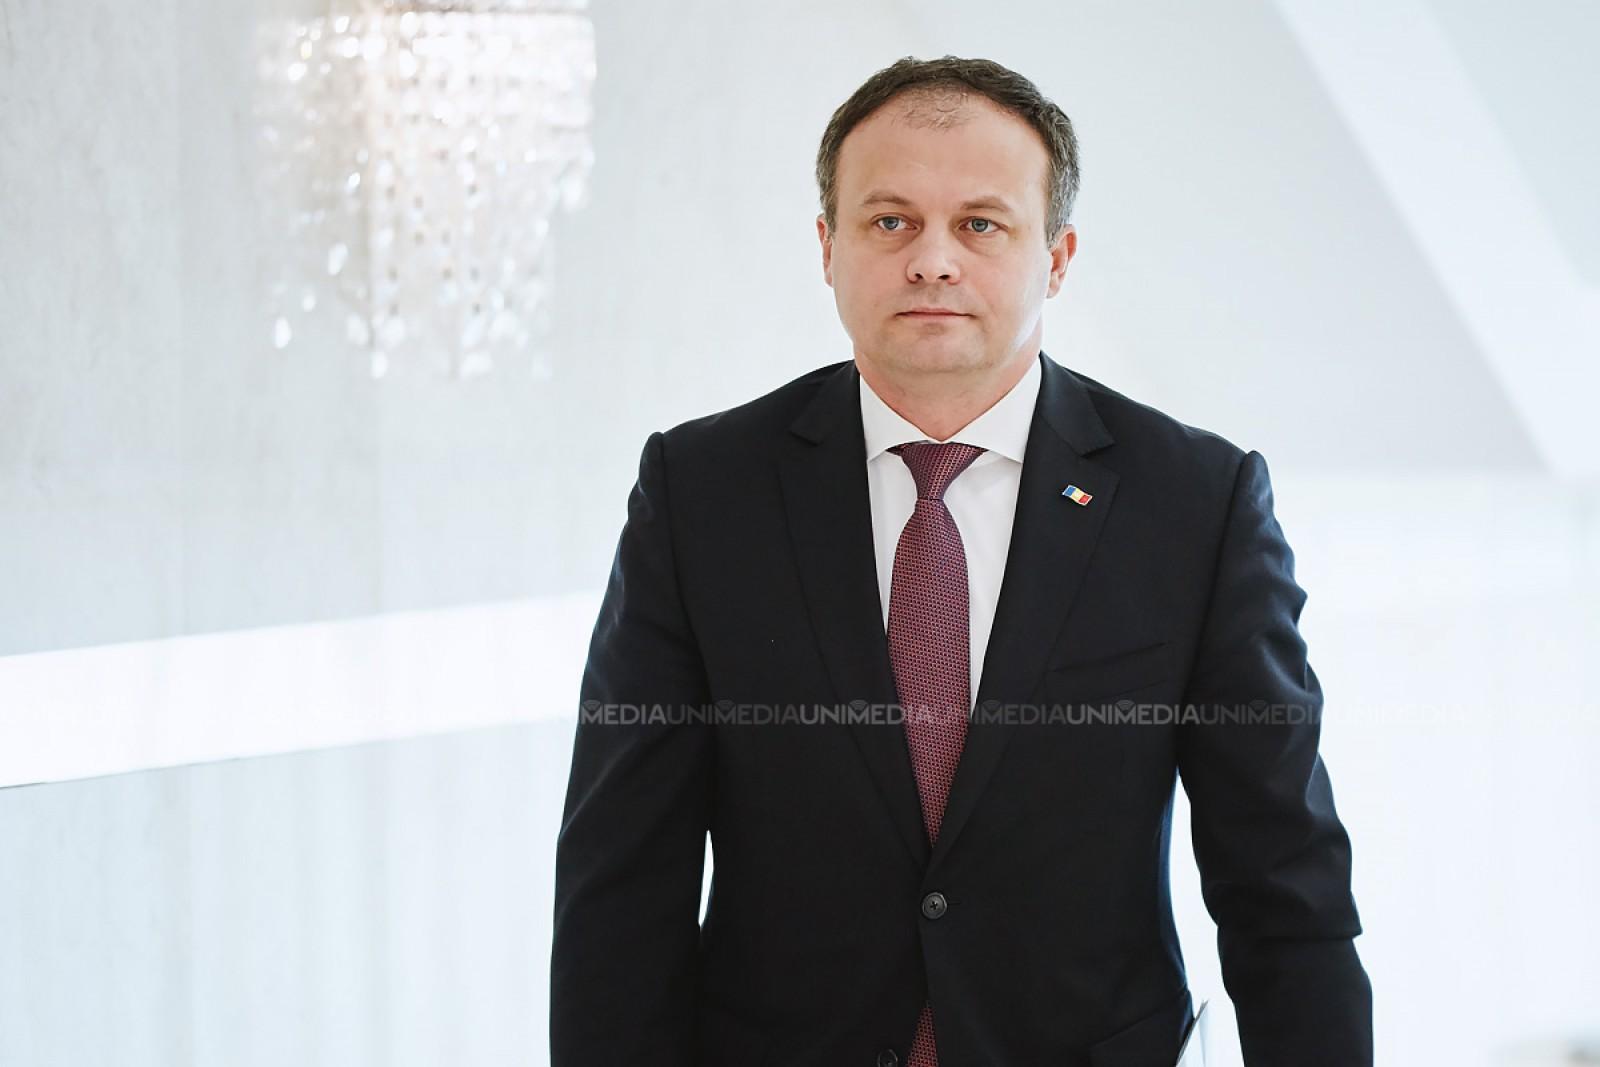 Mold-street: Proiectul lui Candu ce încalcă prevederele Acordului de Asociere între Republica Moldova și UE